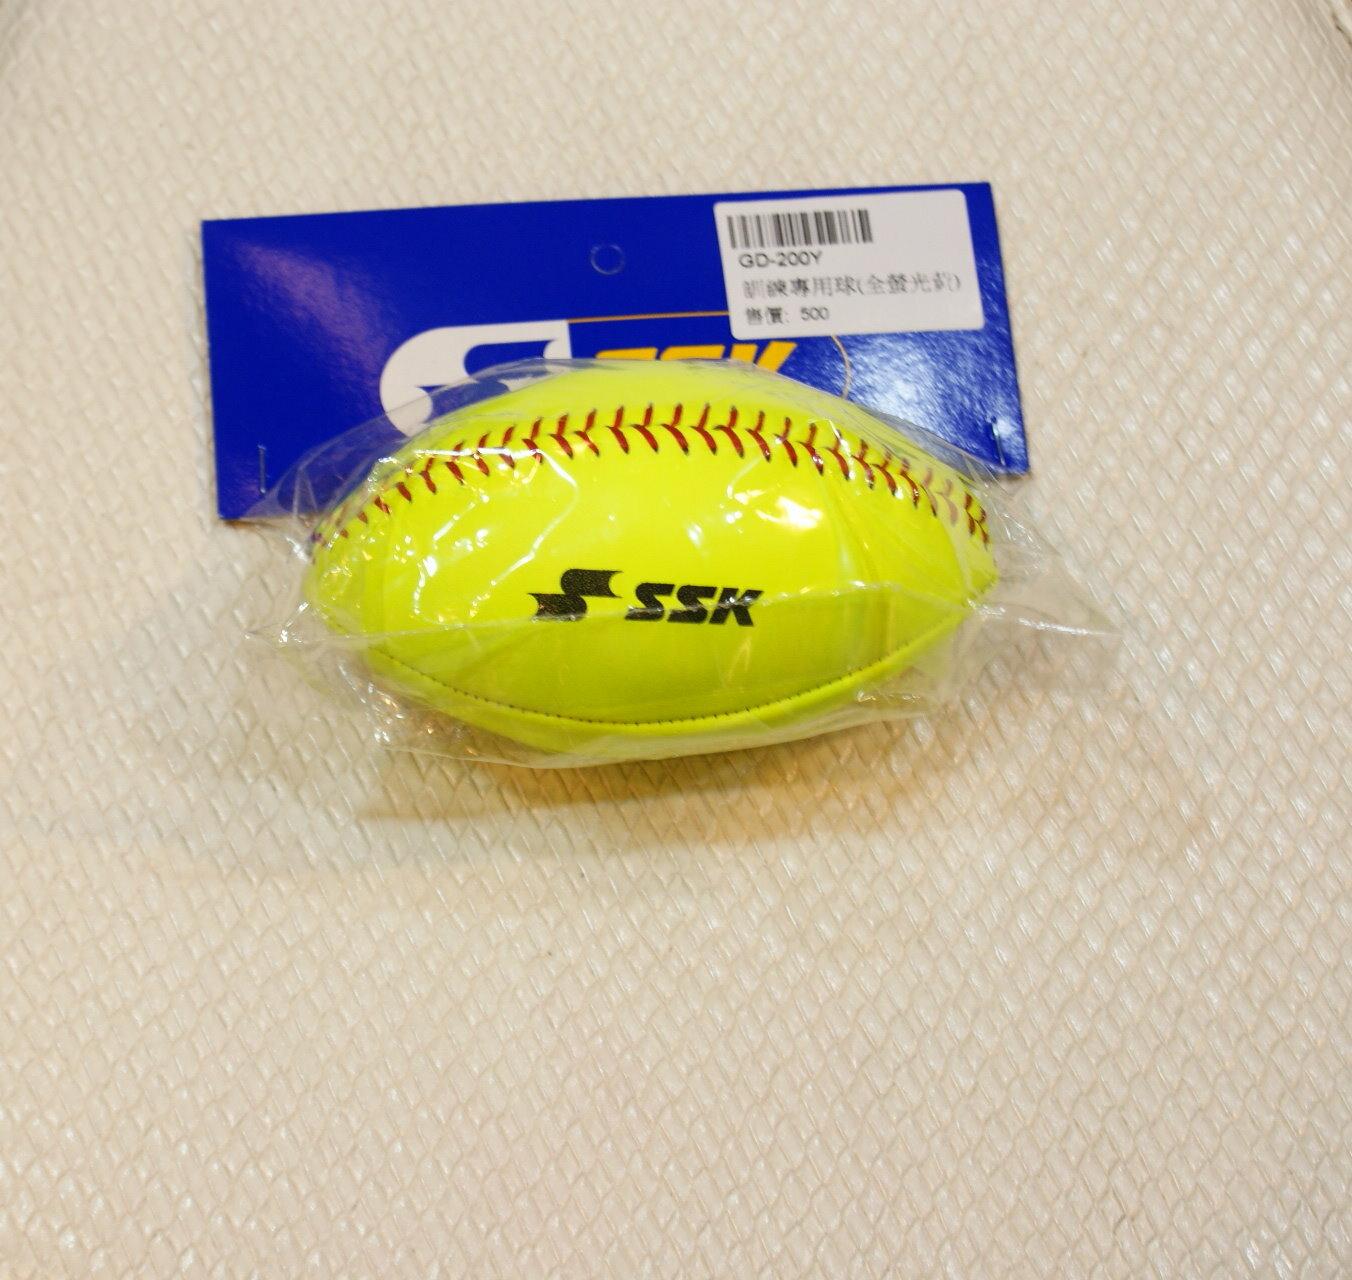 棒球世界 12年 SSK 投手訓練球 特價